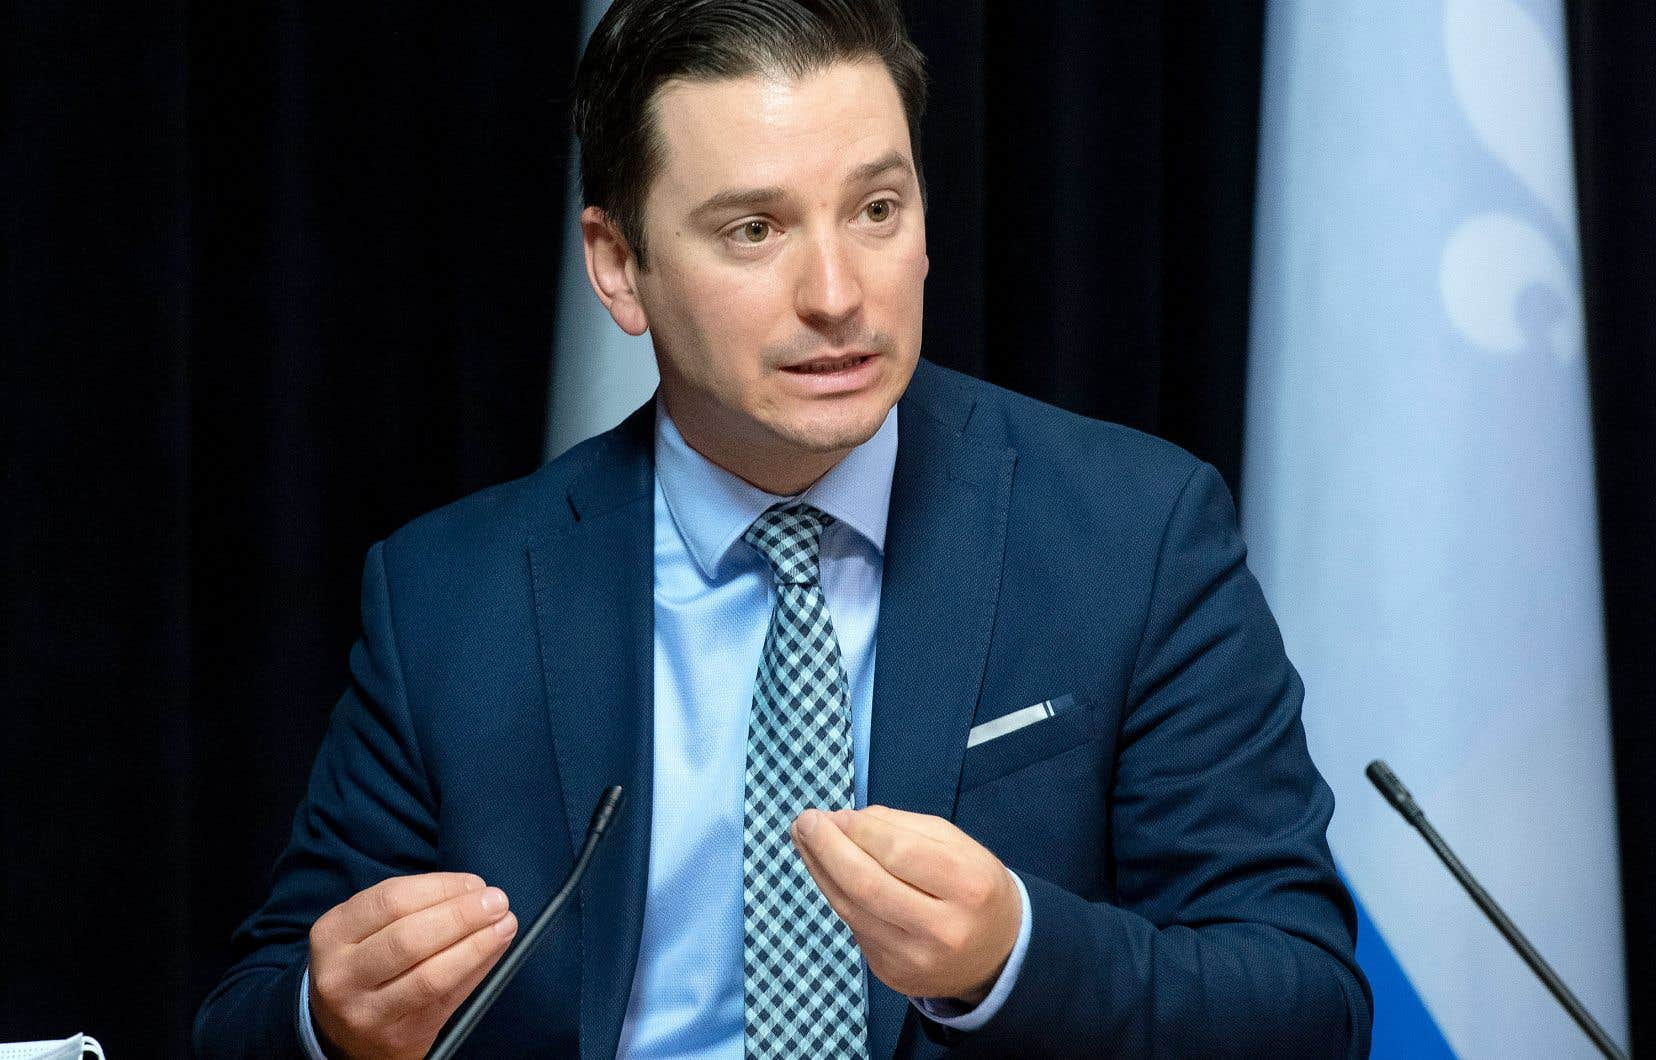 Le ministre Jolin-Barrette s'est mis en tête d'affirmer des caractéristiques fondamentales du Québec dans le bout de la Constitution canadienne qui lui «appartient».